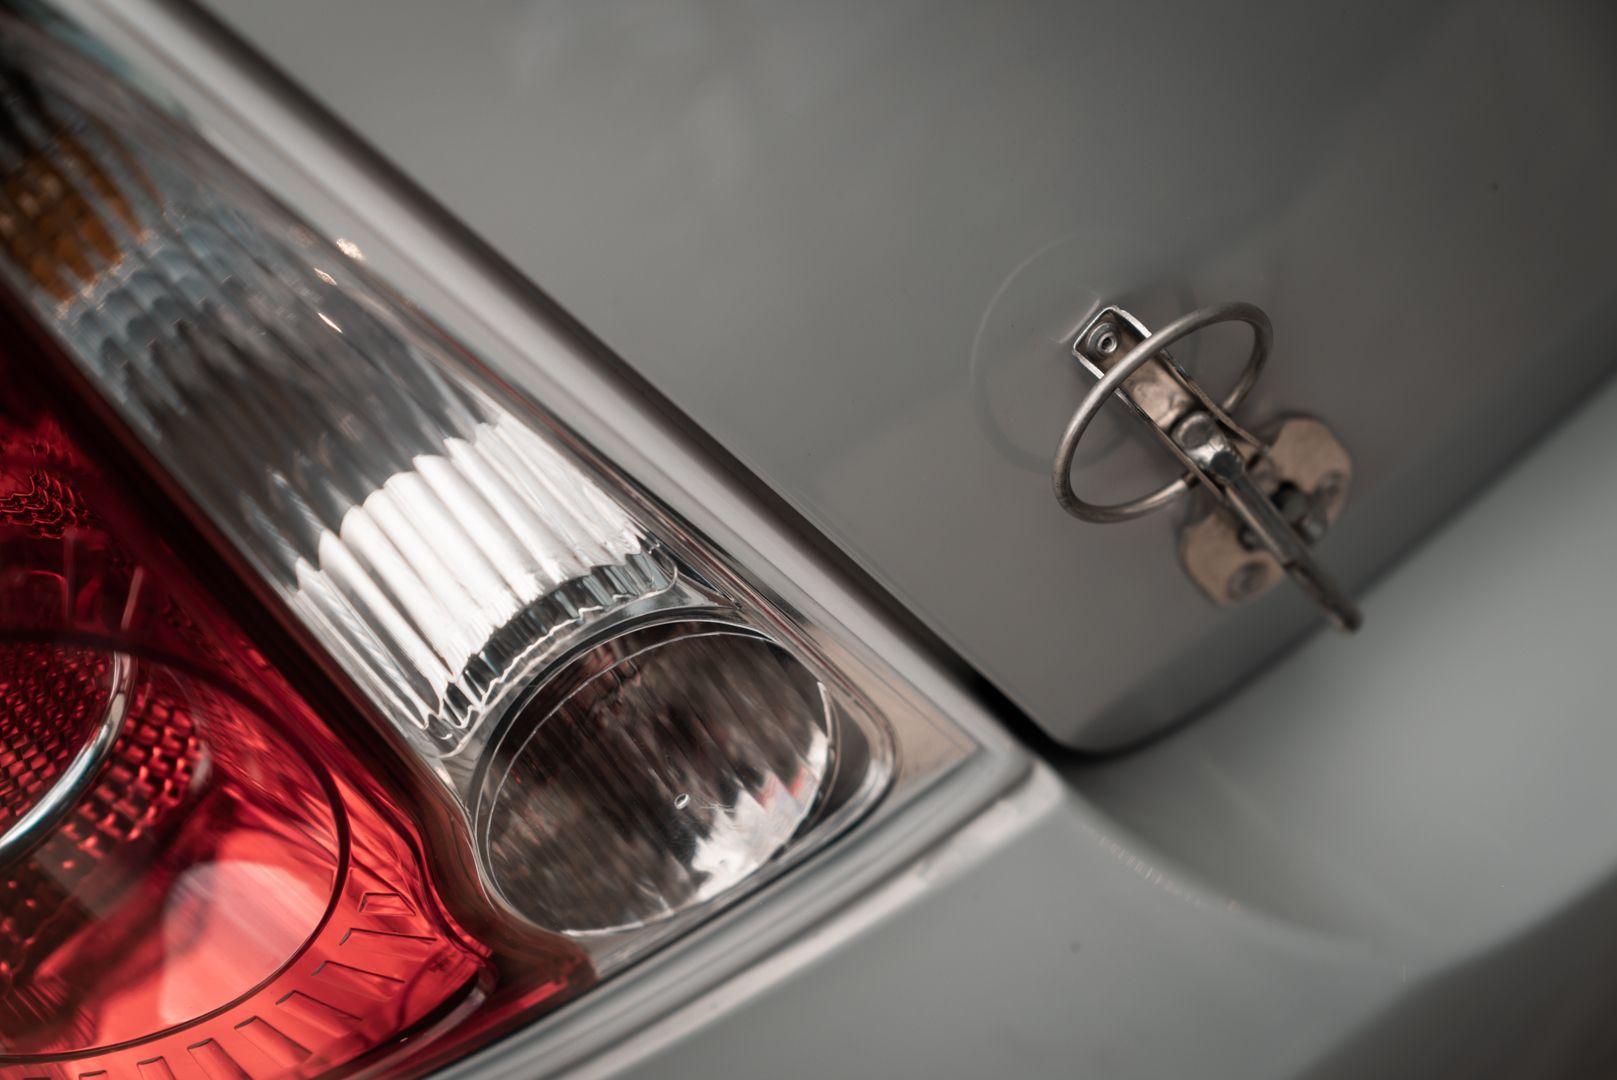 2008 Fiat 500 Abarth Assetto Corse 45/49 77356